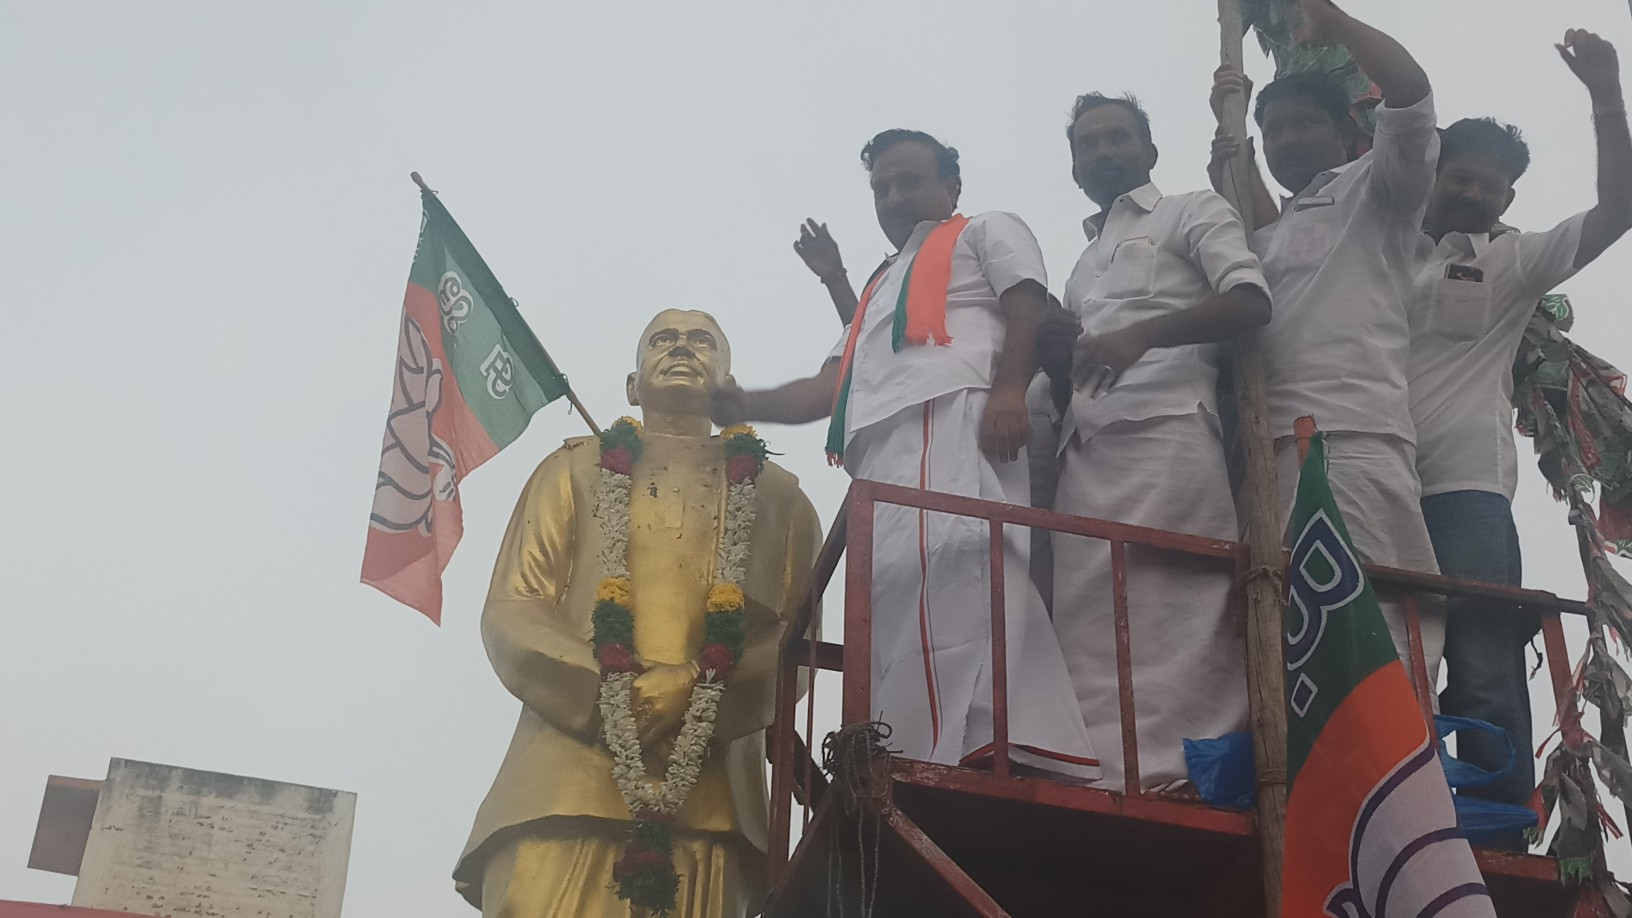 In Madurai Granite Belt Bjp Campaign A Good Hit Video